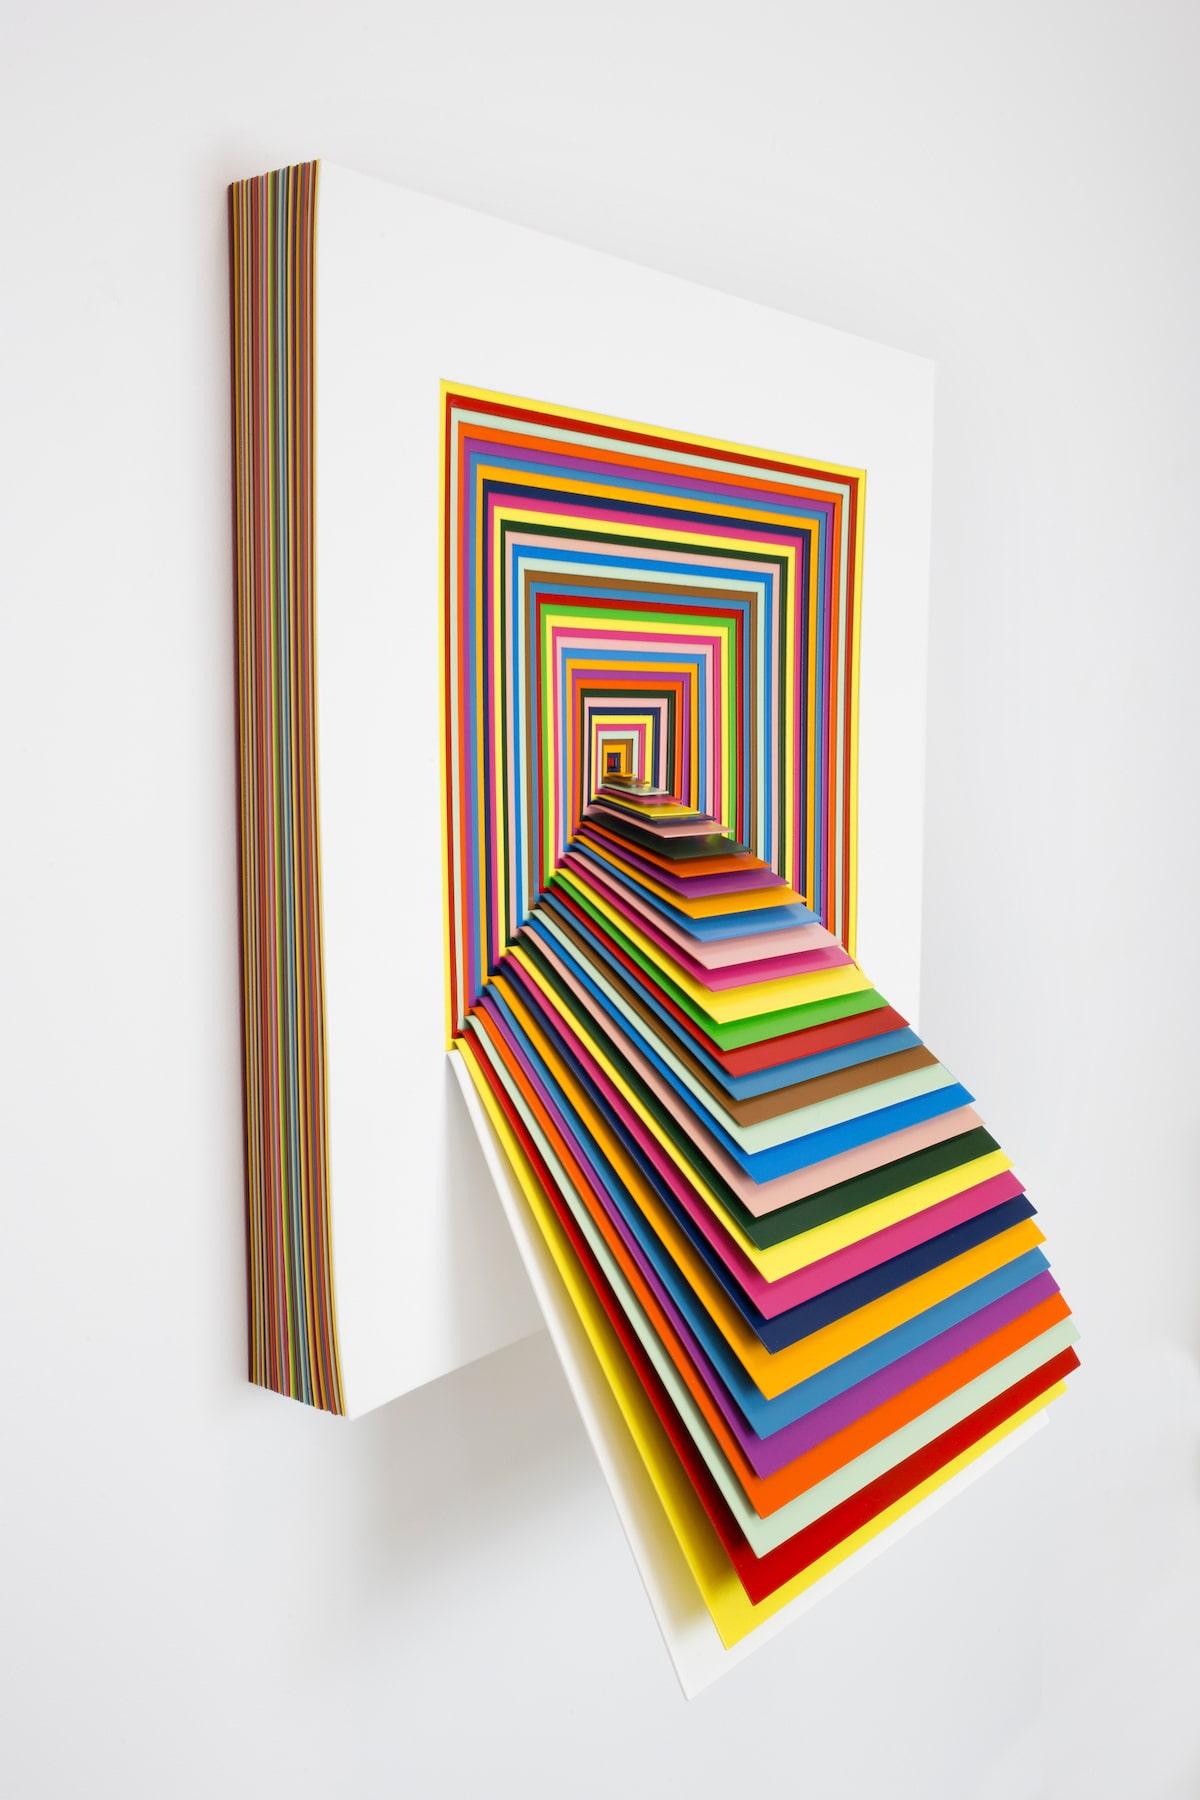 Optical Illusion Art by Jen Stark